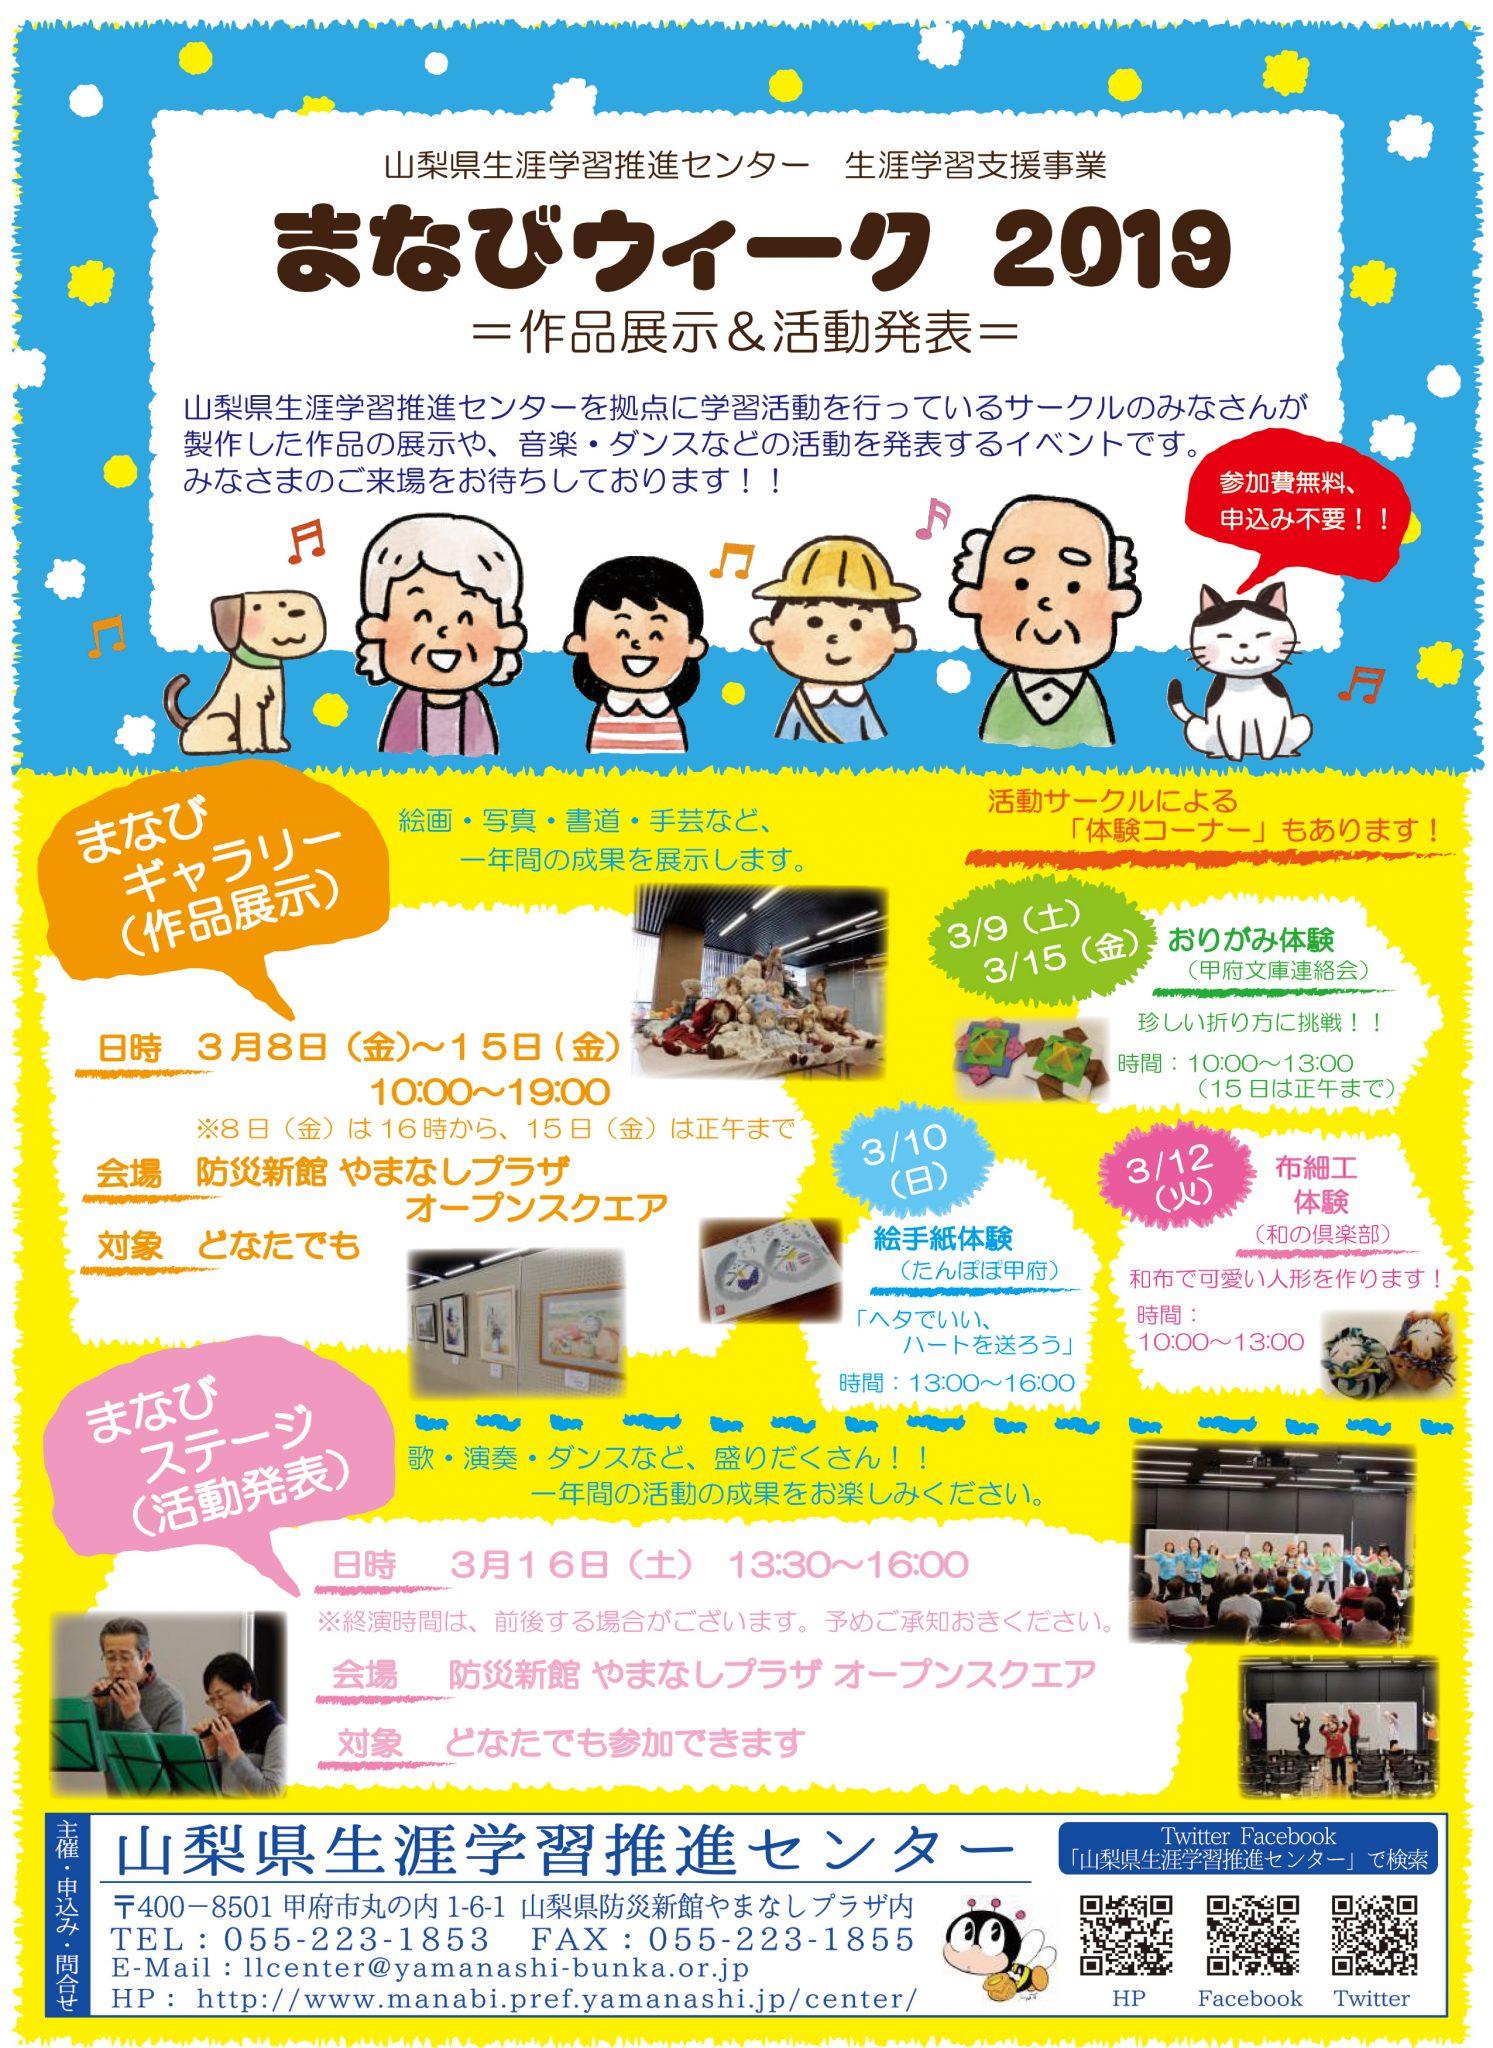 まなびウィーク2019 甲府市 イベント 1